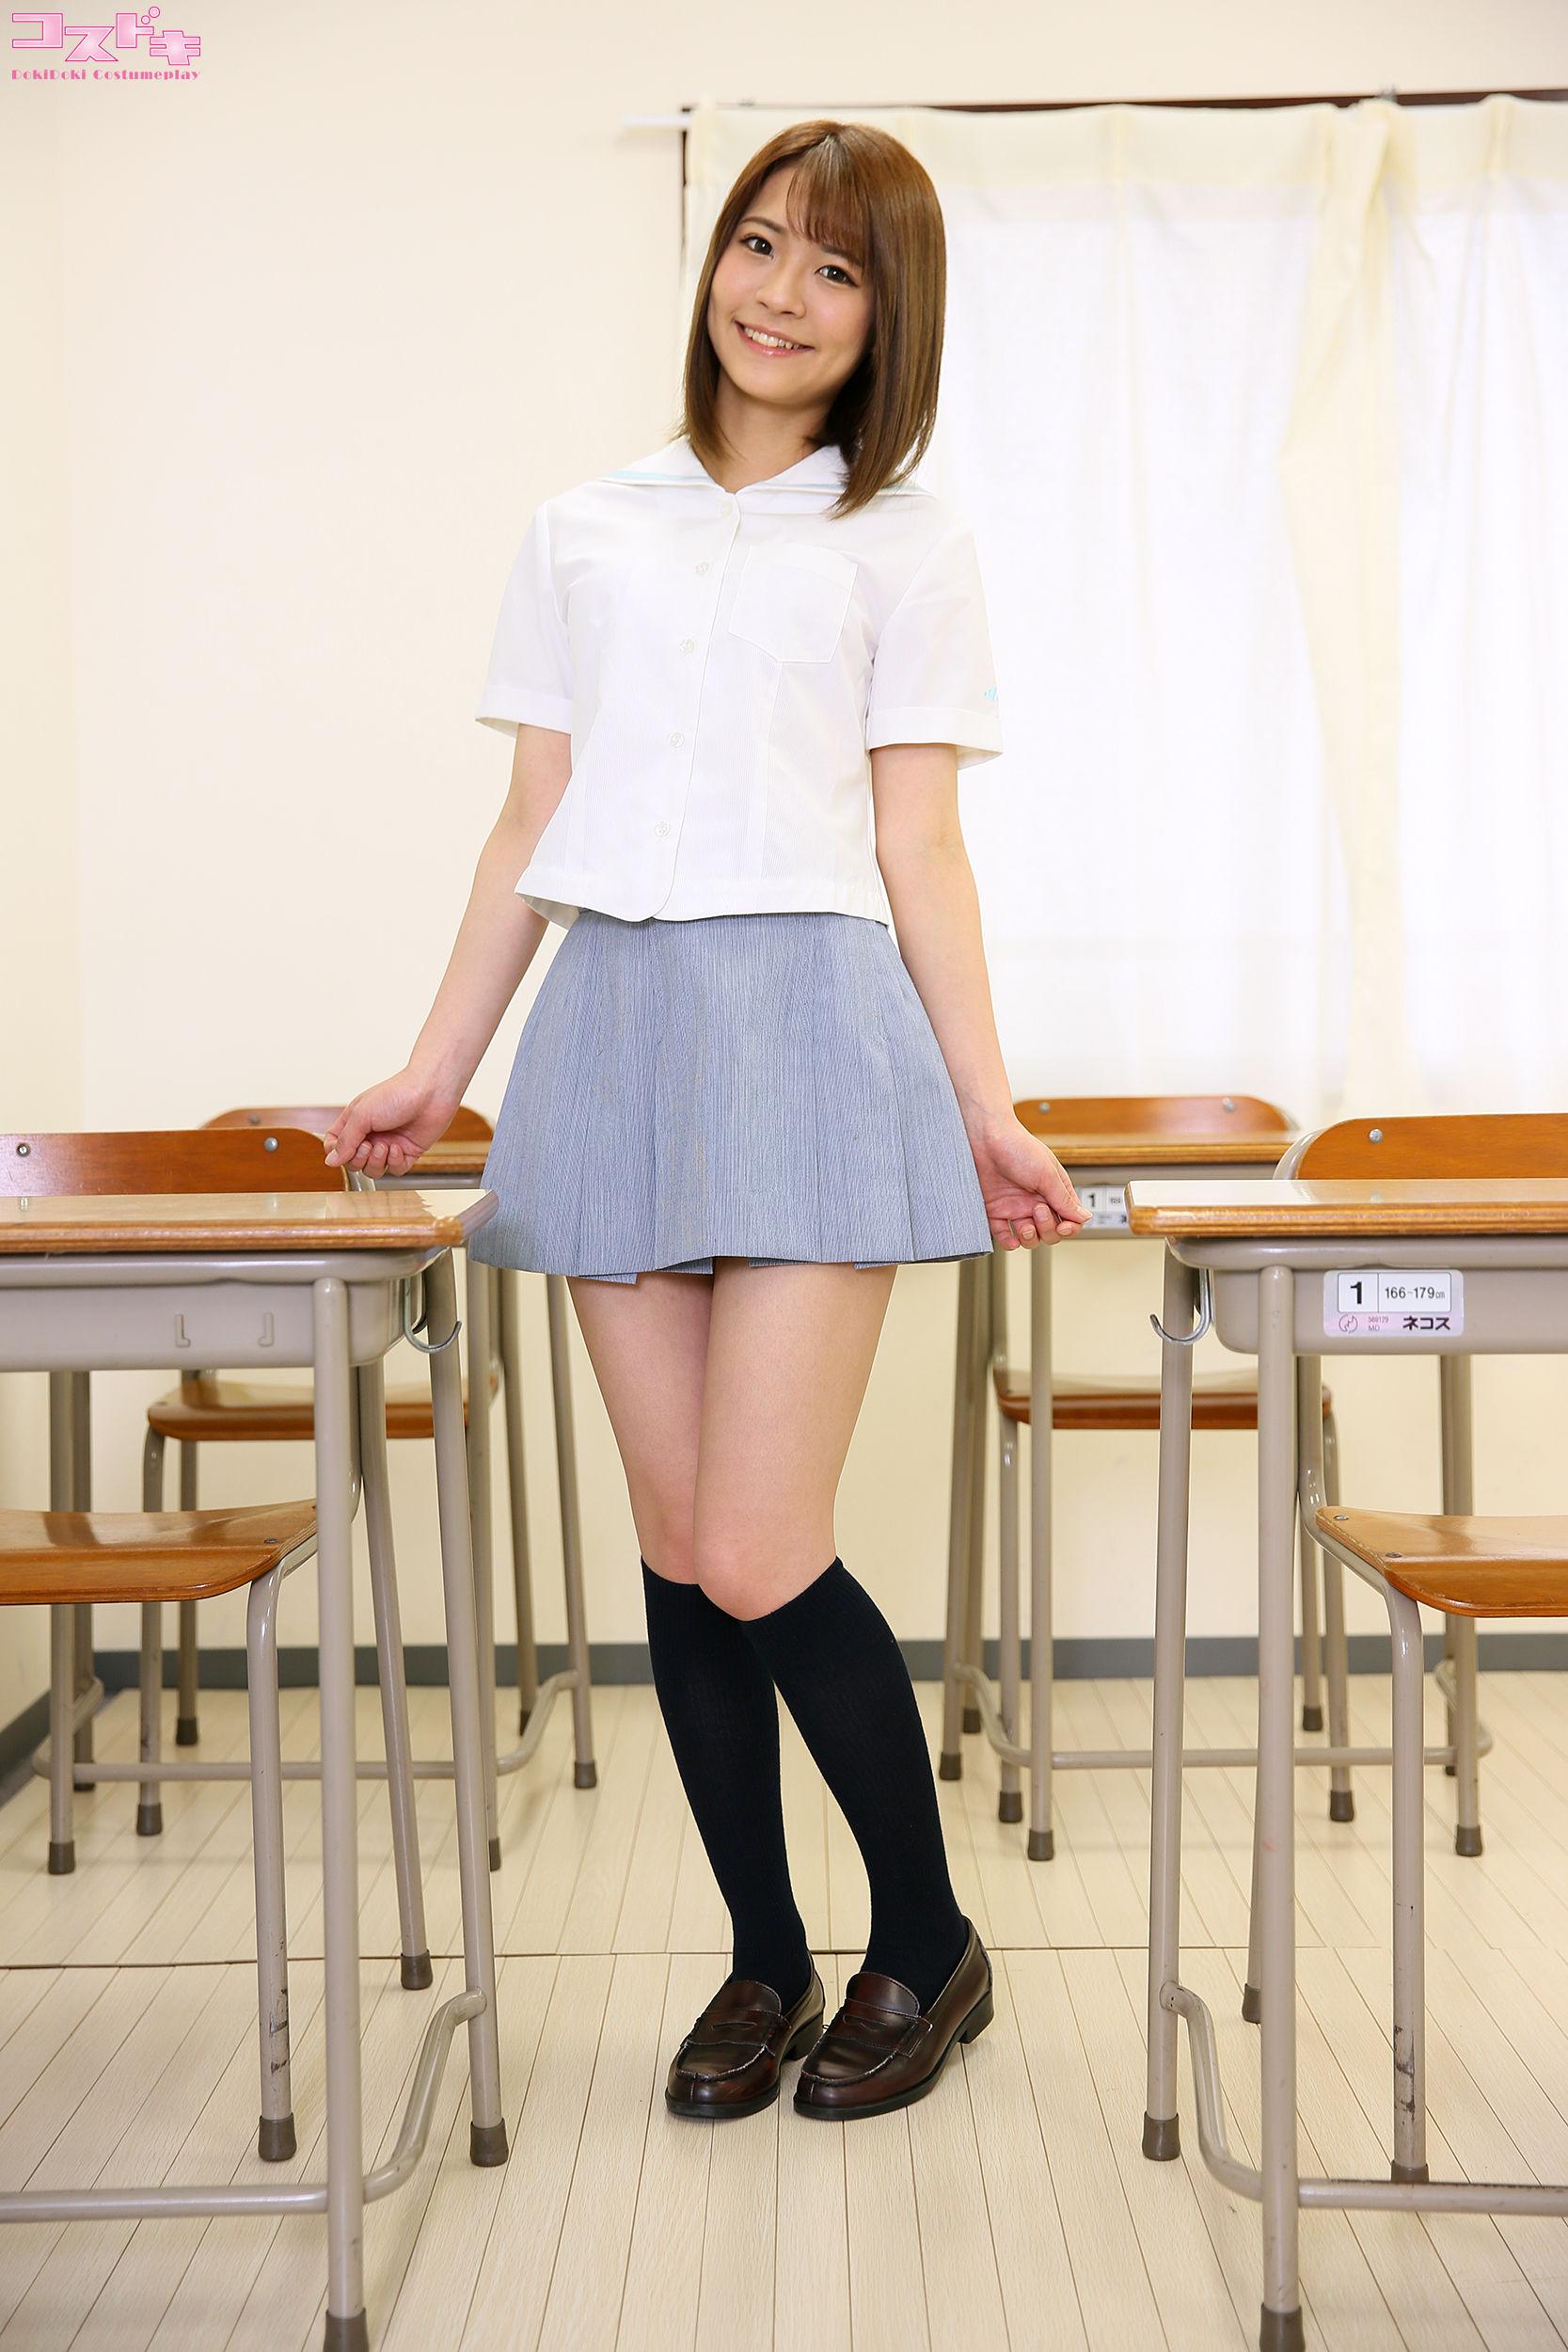 VOL.989 [Cosdoki]学生制服:东条夏(東條なつ)超高清写真套图(50P)